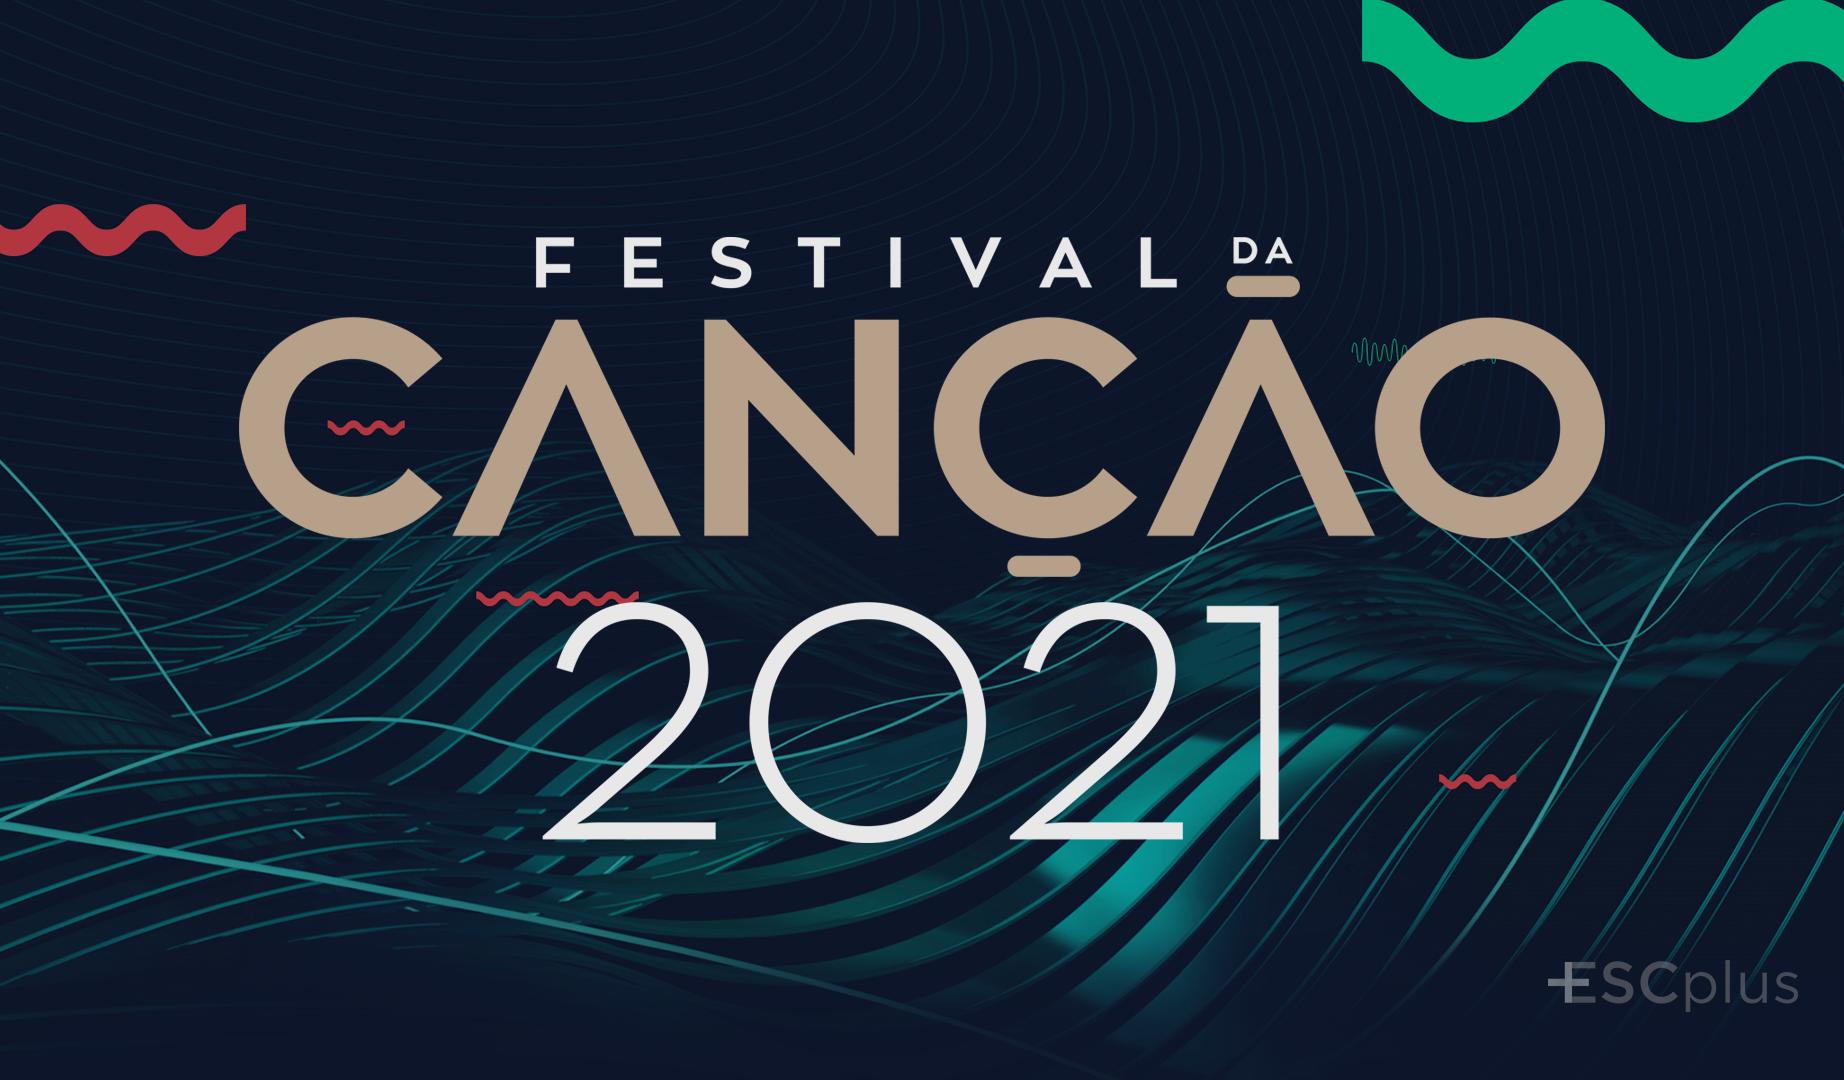 portugal festival da cançao